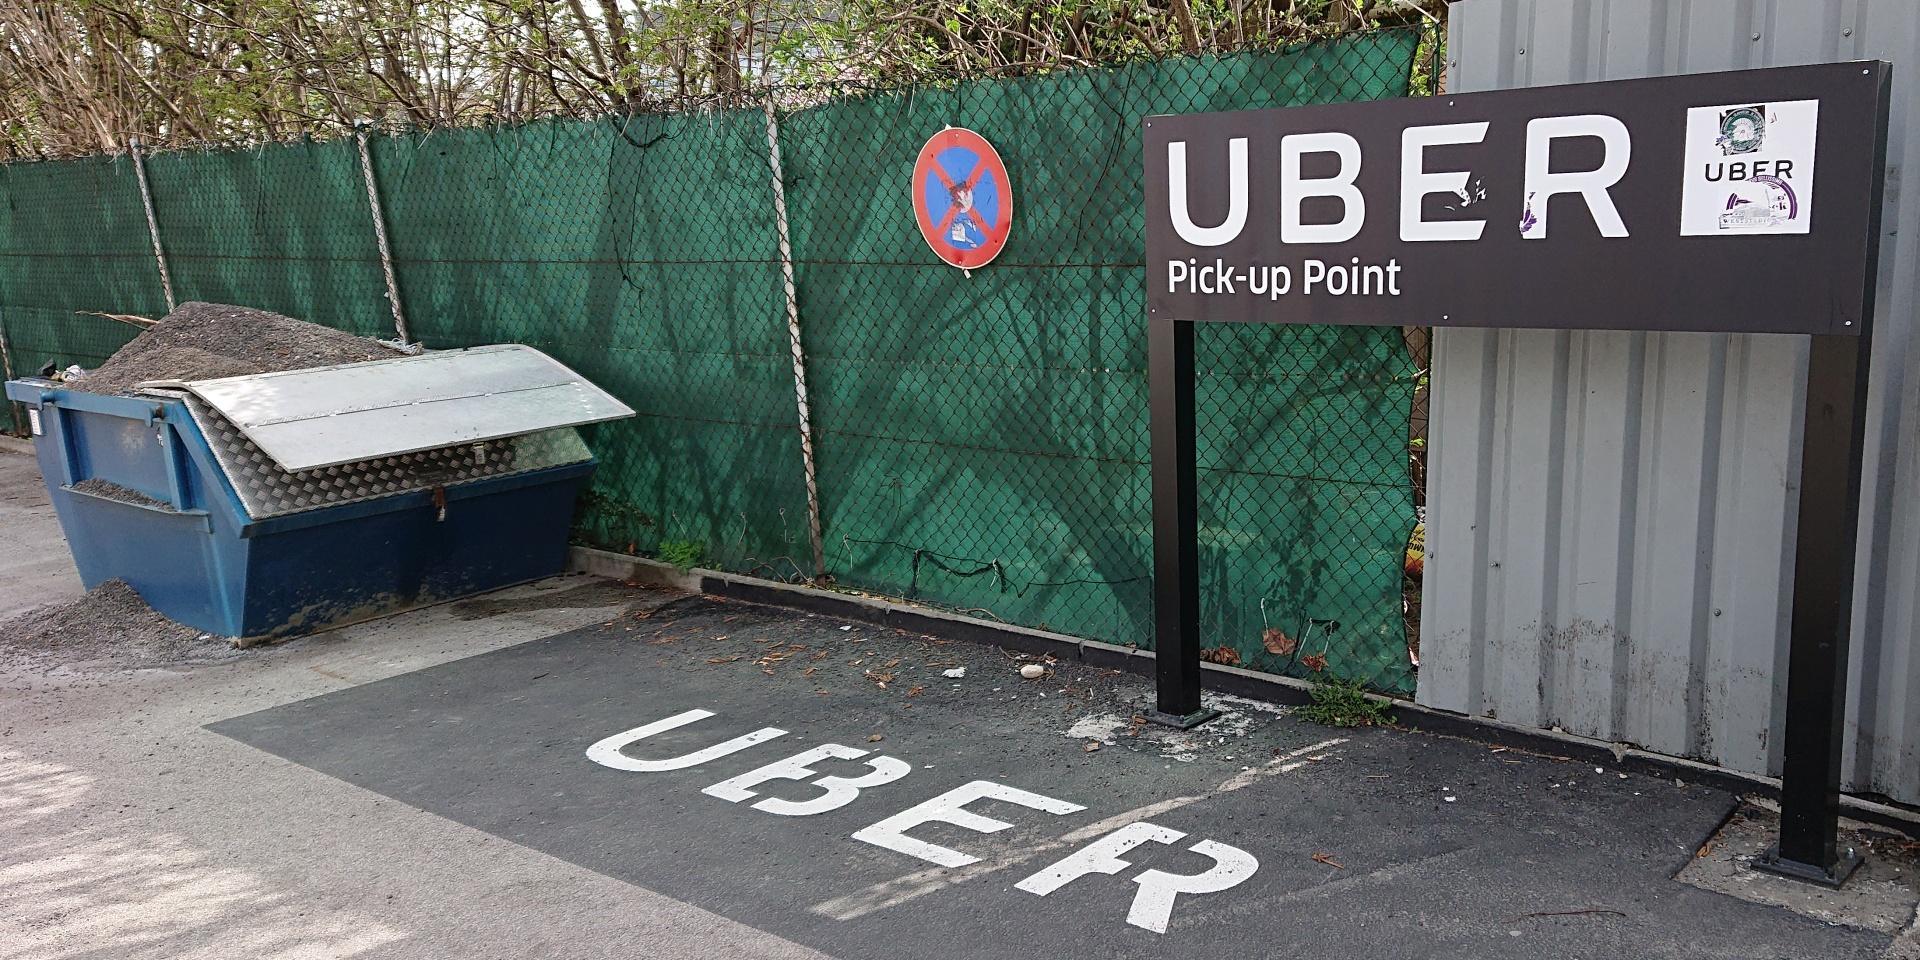 Uber teilt Daten über Fahrten künftig mit Städten